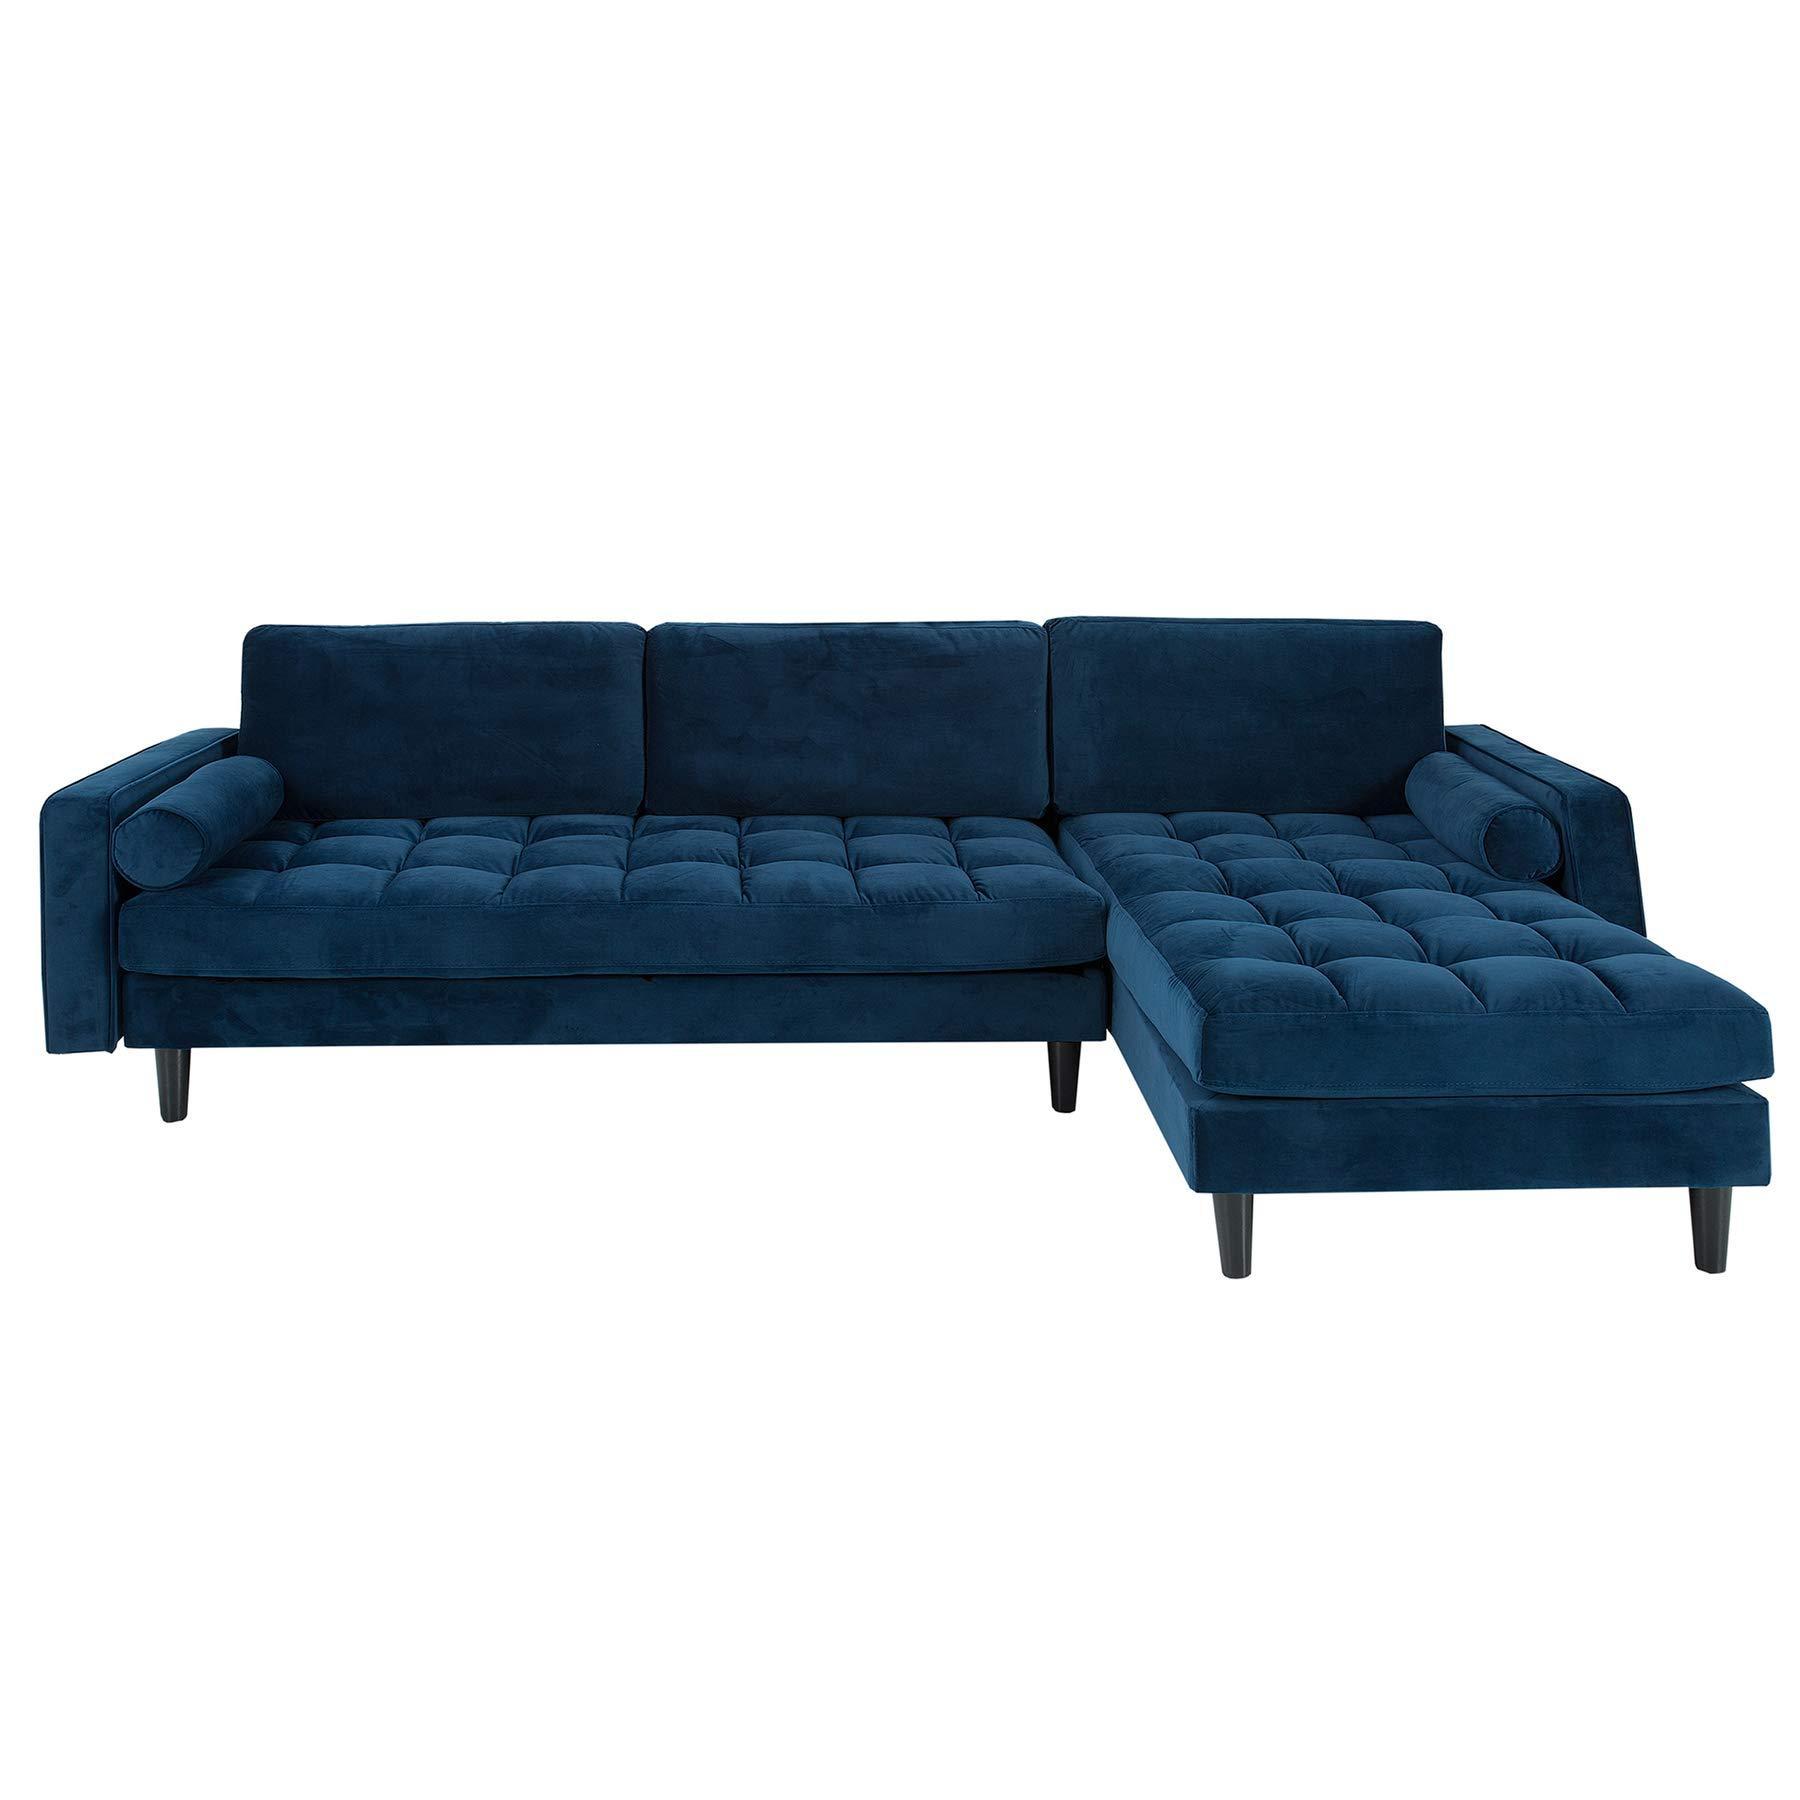 Sofa Federkern 3 Sitzer